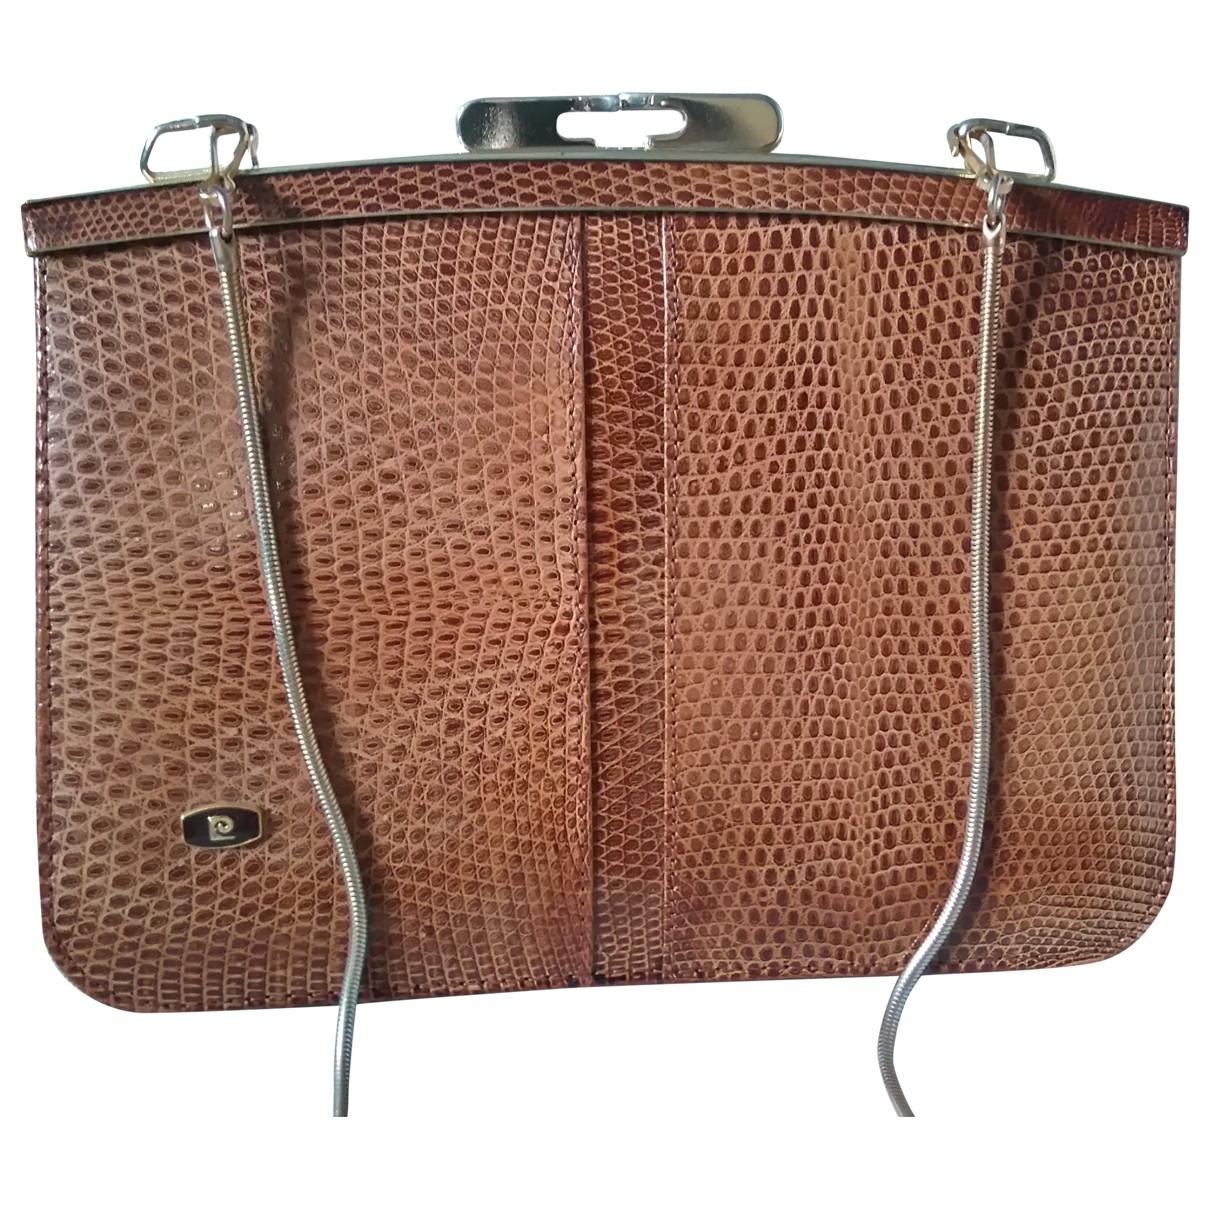 Pierre Cardin \N Handtasche in  Braun Echse